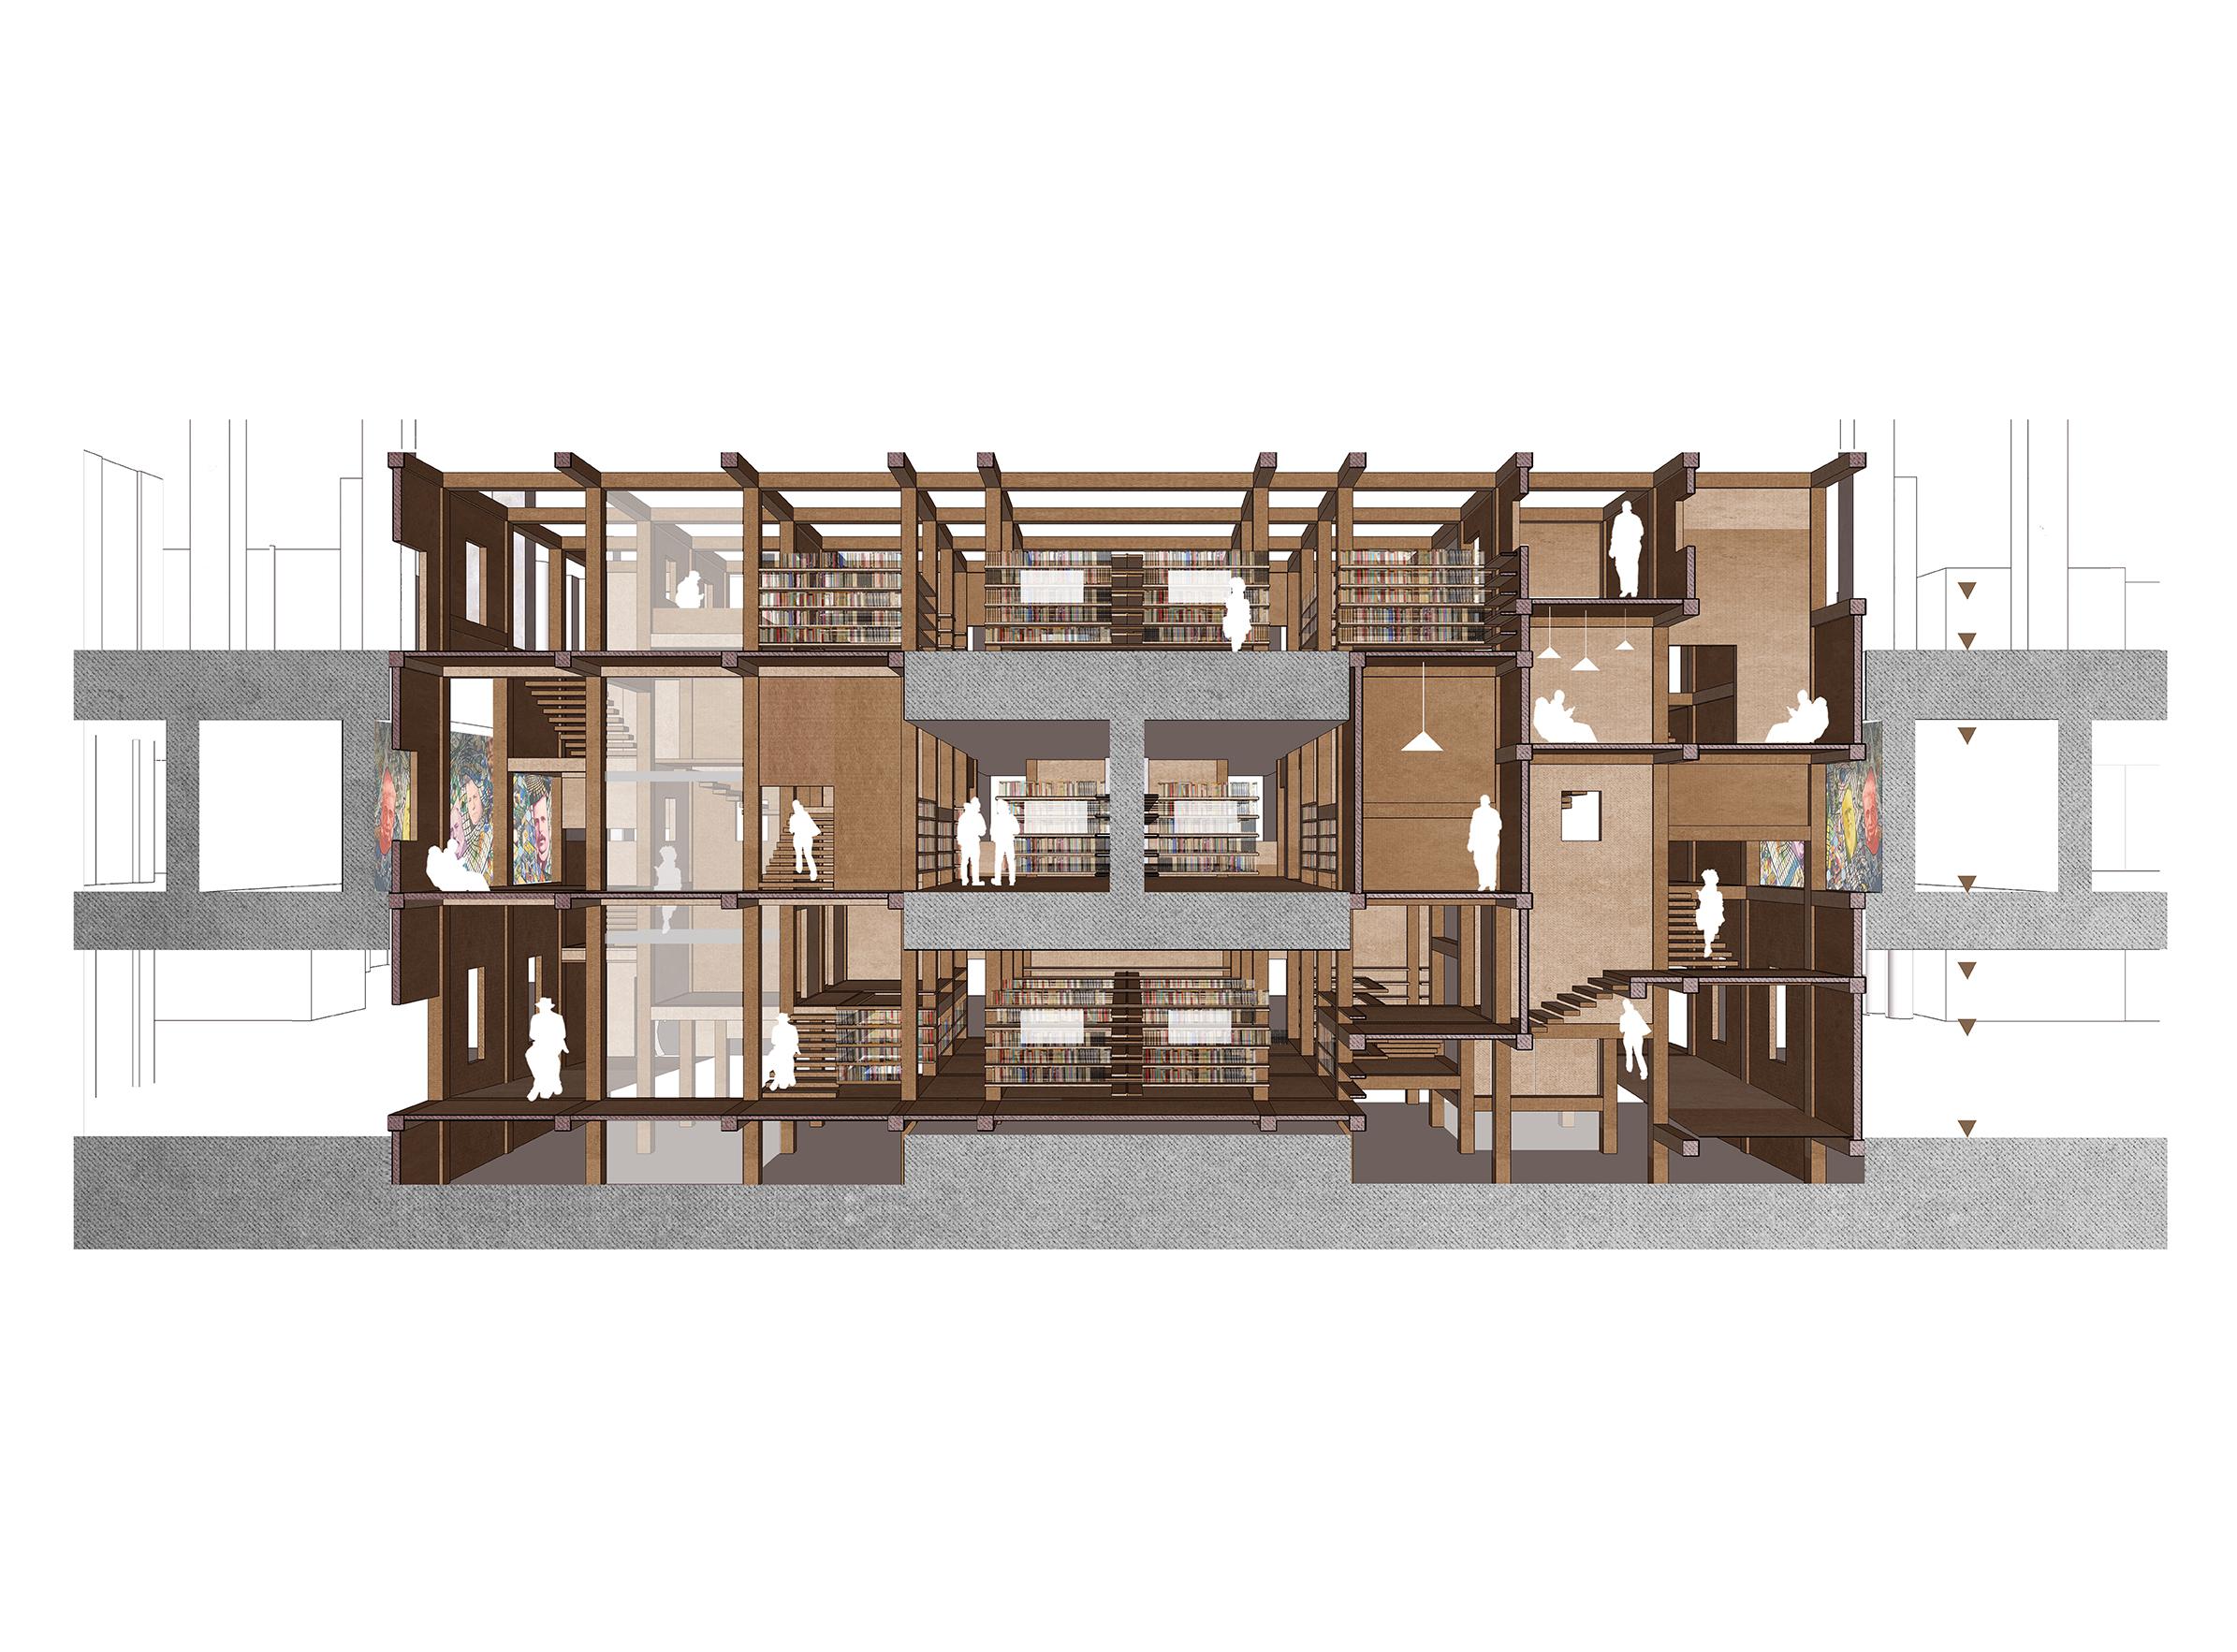 La Maison BSI 03 - Friches + Culturel - Caractère Spécial - Matthieu Poitevin Architecture